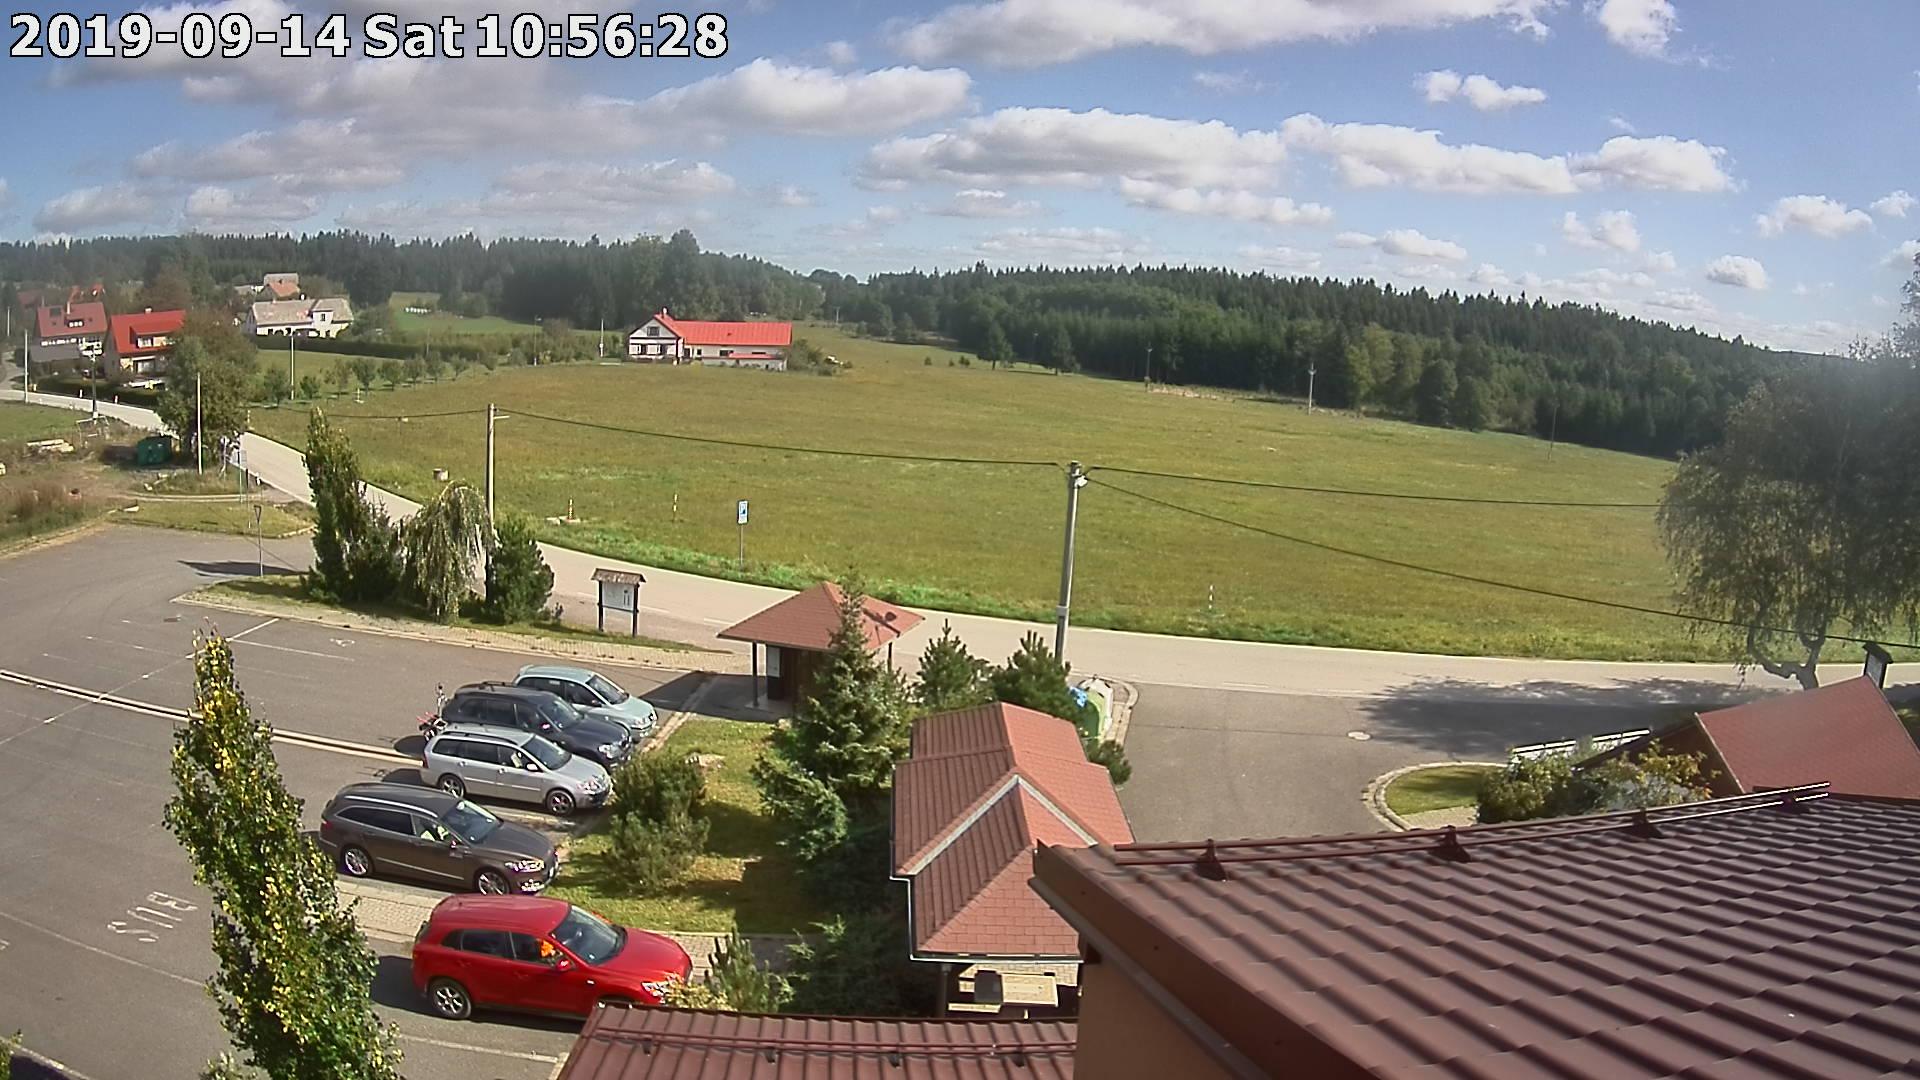 Webkamera ze dne 2019-09-14